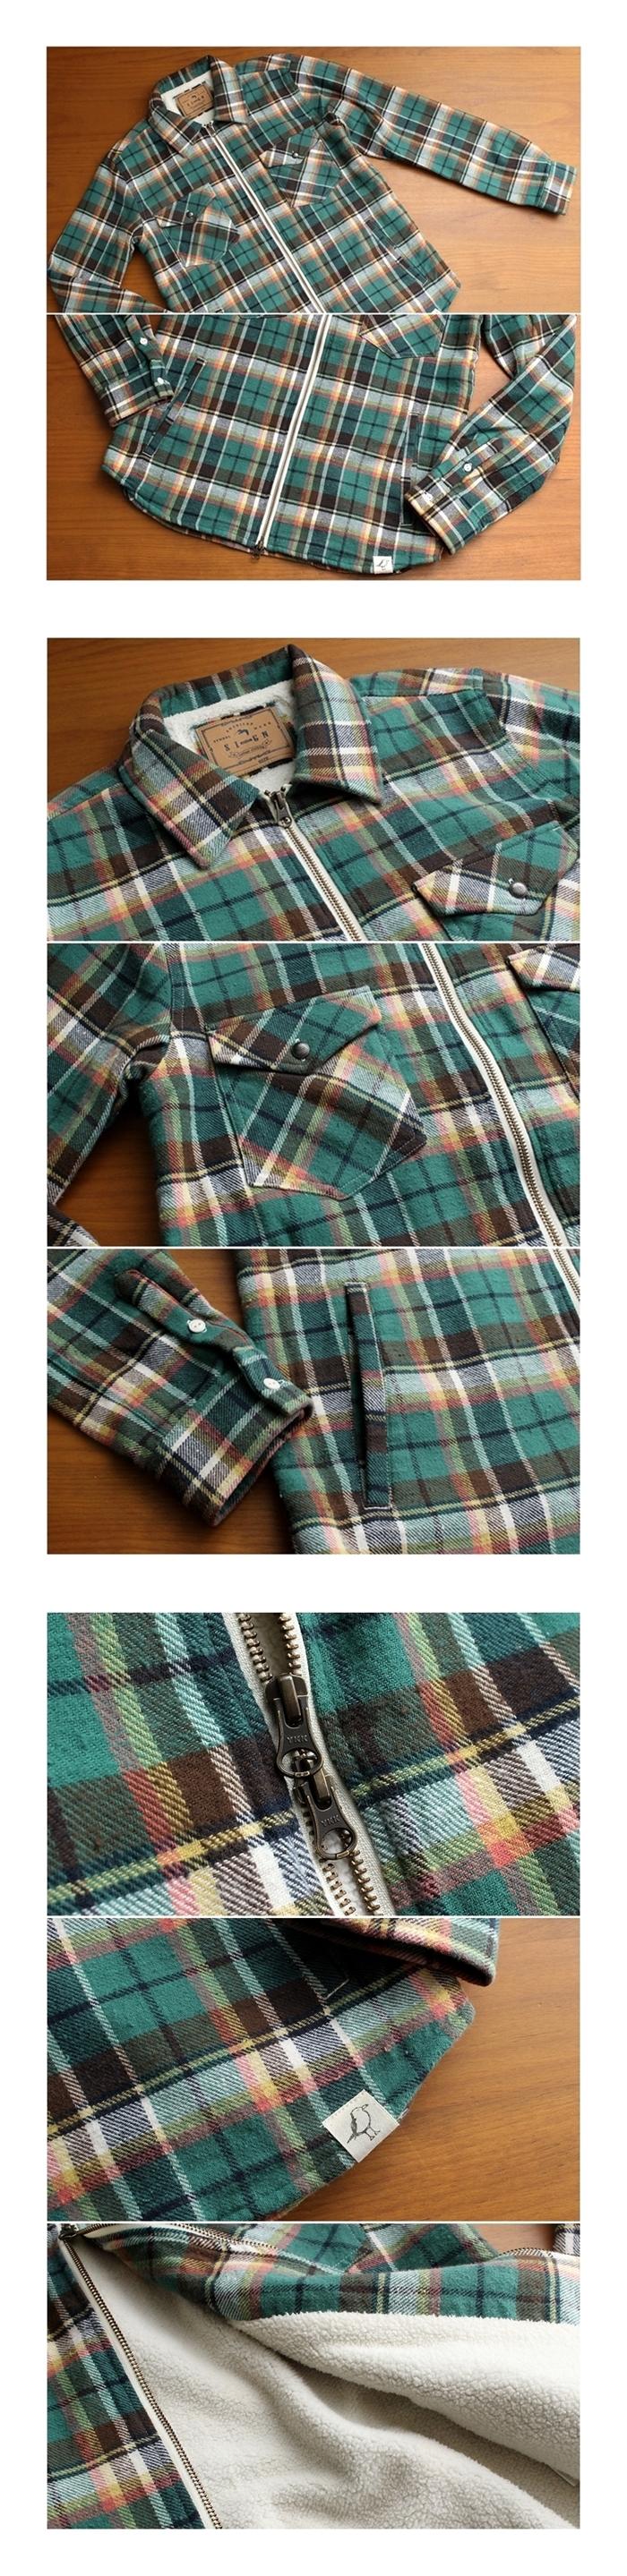 2017-01-10 ヴィンテージネップヤーンフランネル 裏ボア ジップ CPOシャツジャケット サインステイト SIGN STATE (8)-vert